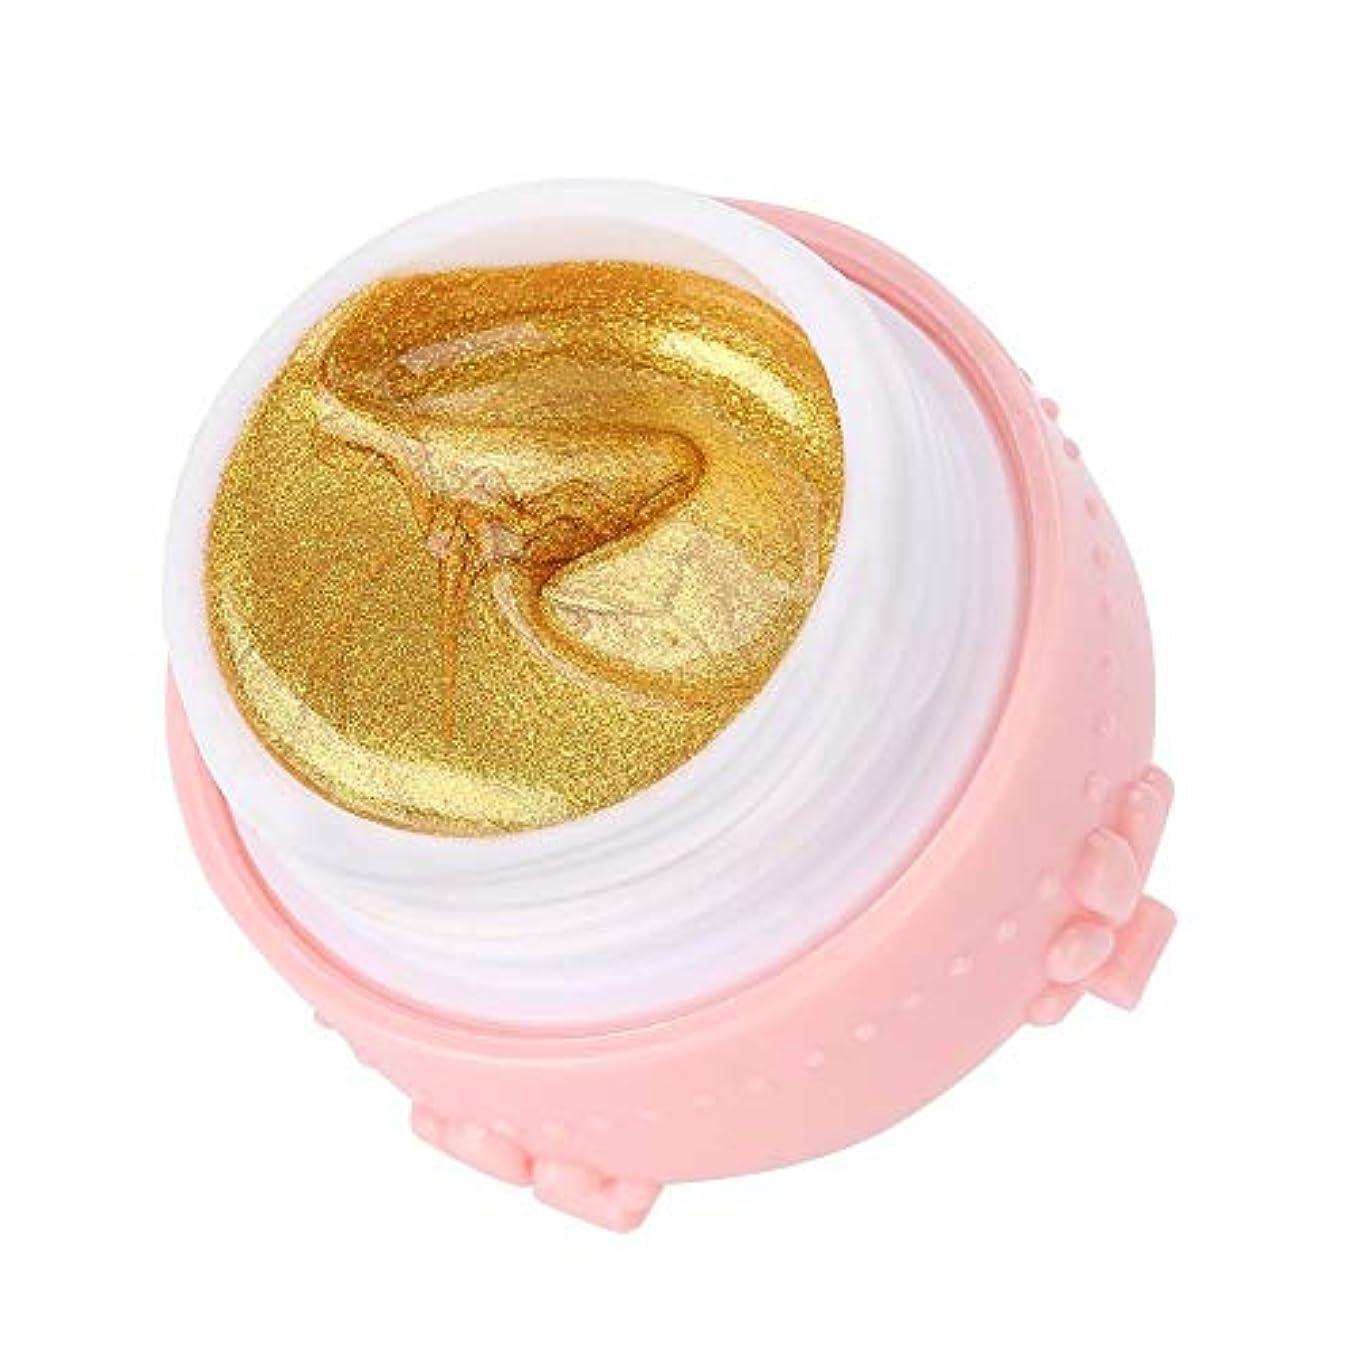 問い合わせるママ原因ジェルネイル キラキラ素敵な 3DネイルUVジェル 強力な接着 女性 良い贈り物(金色)